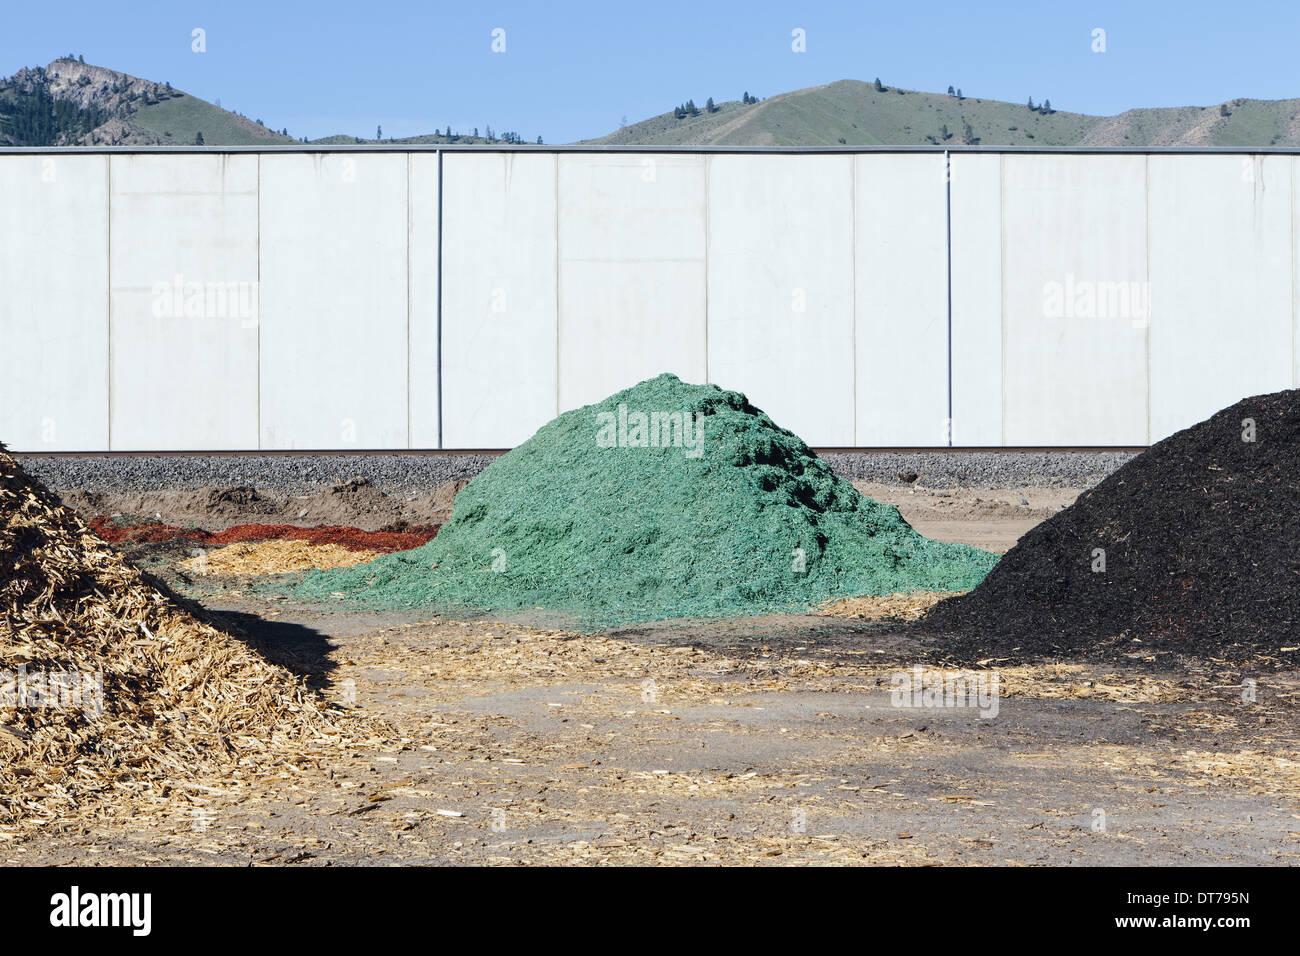 Des piles de l'écorce verte des copeaux de bois utilisés pour l'aménagement paysager, près de Quincy Photo Stock